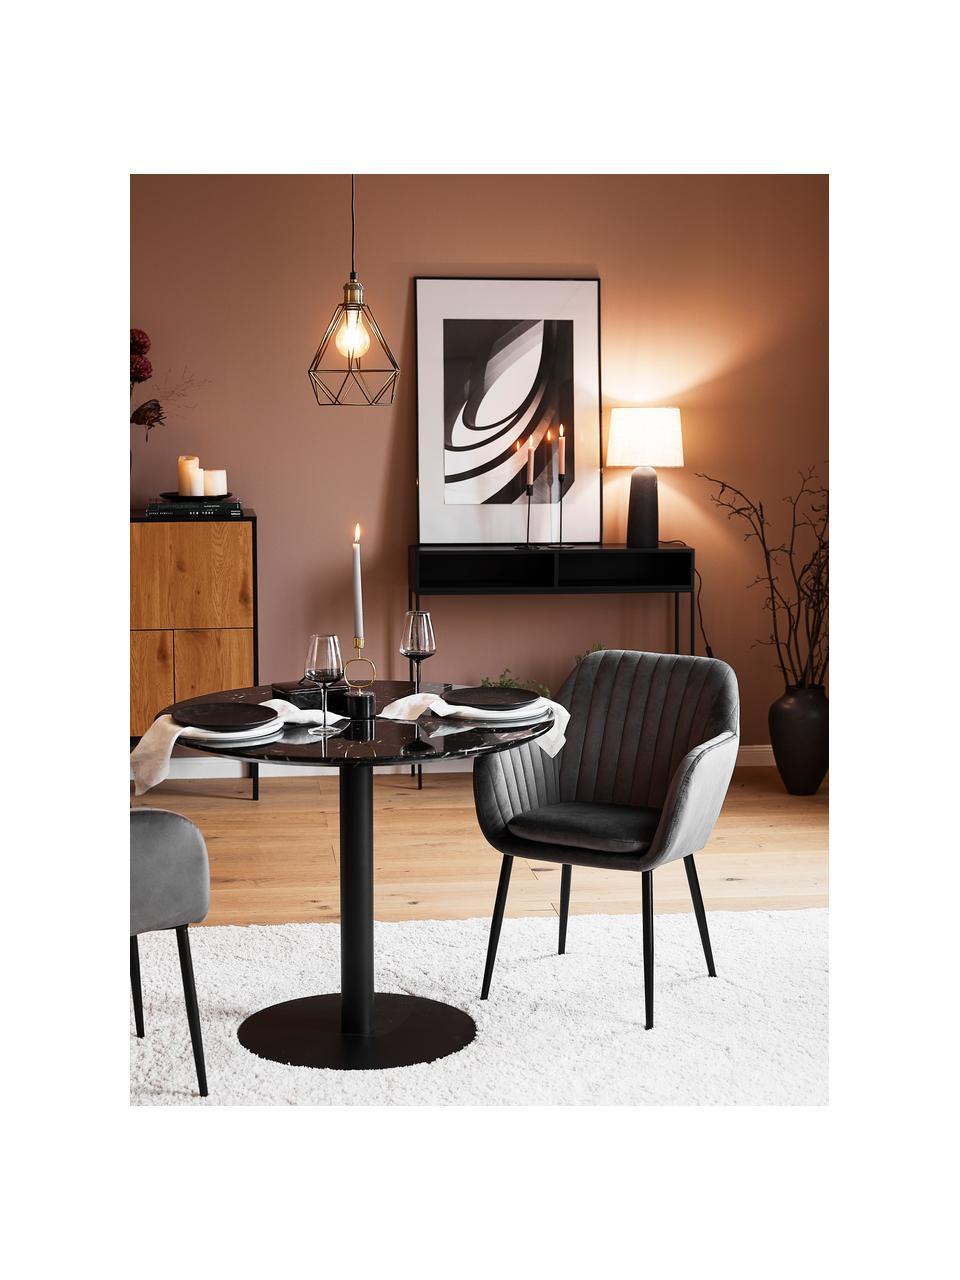 Krzesło z podłokietnikami z aksamitu i metalowymi nogami Emilia, Tapicerka: aksamit poliestrowy Dzięk, Nogi: metal lakierowany, Aksamitny ciemny szary, czarny, S 57 x G 59 cm